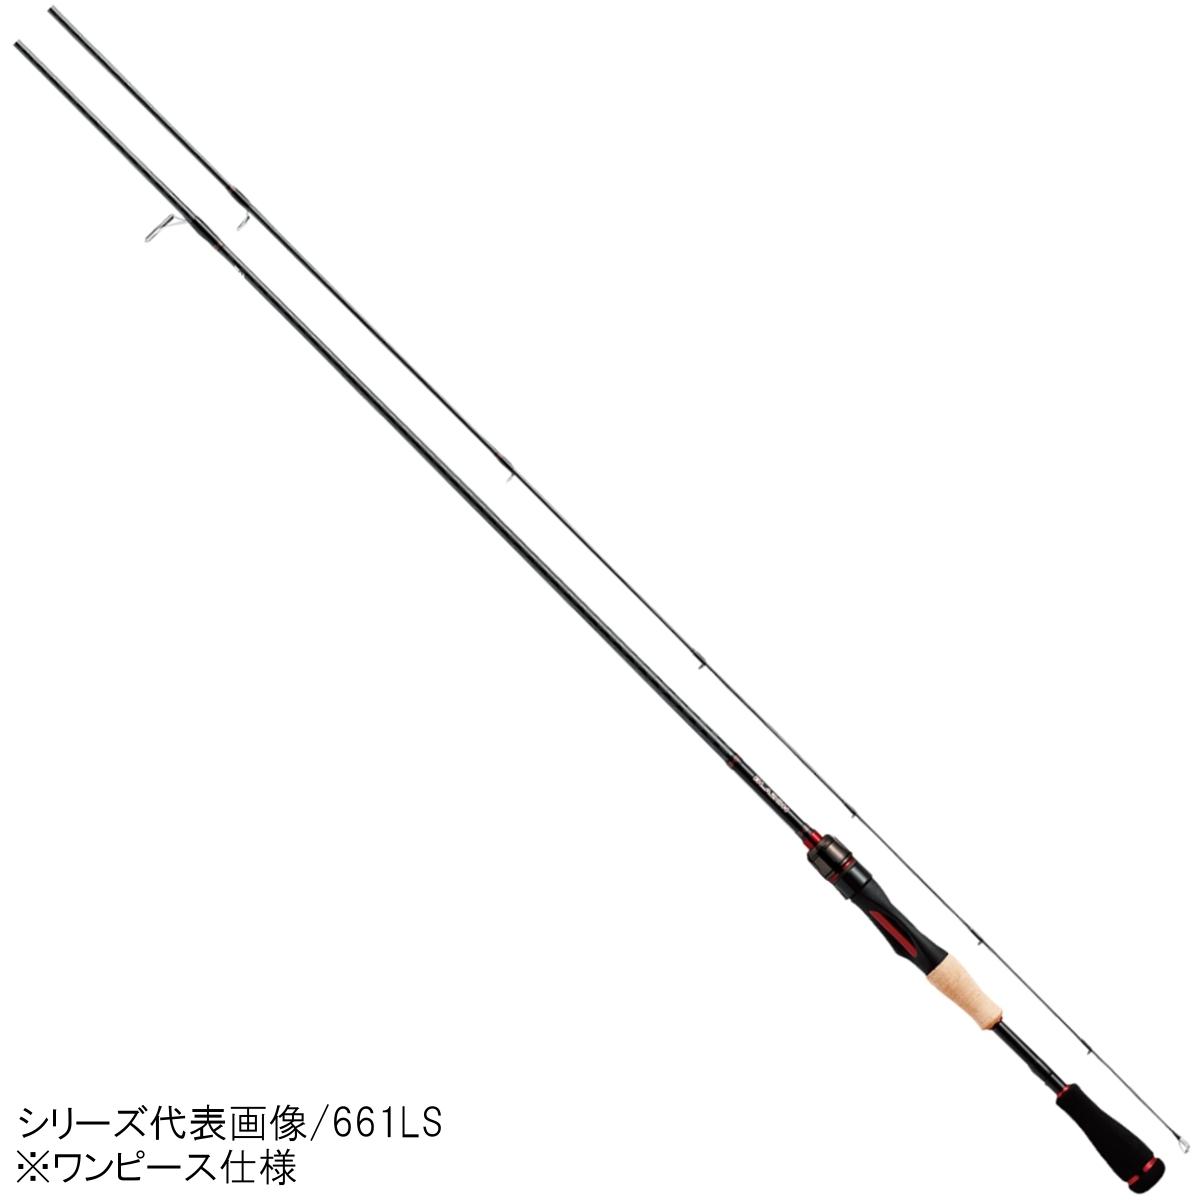 ダイワ ブレイゾン 661MLS【大型商品】